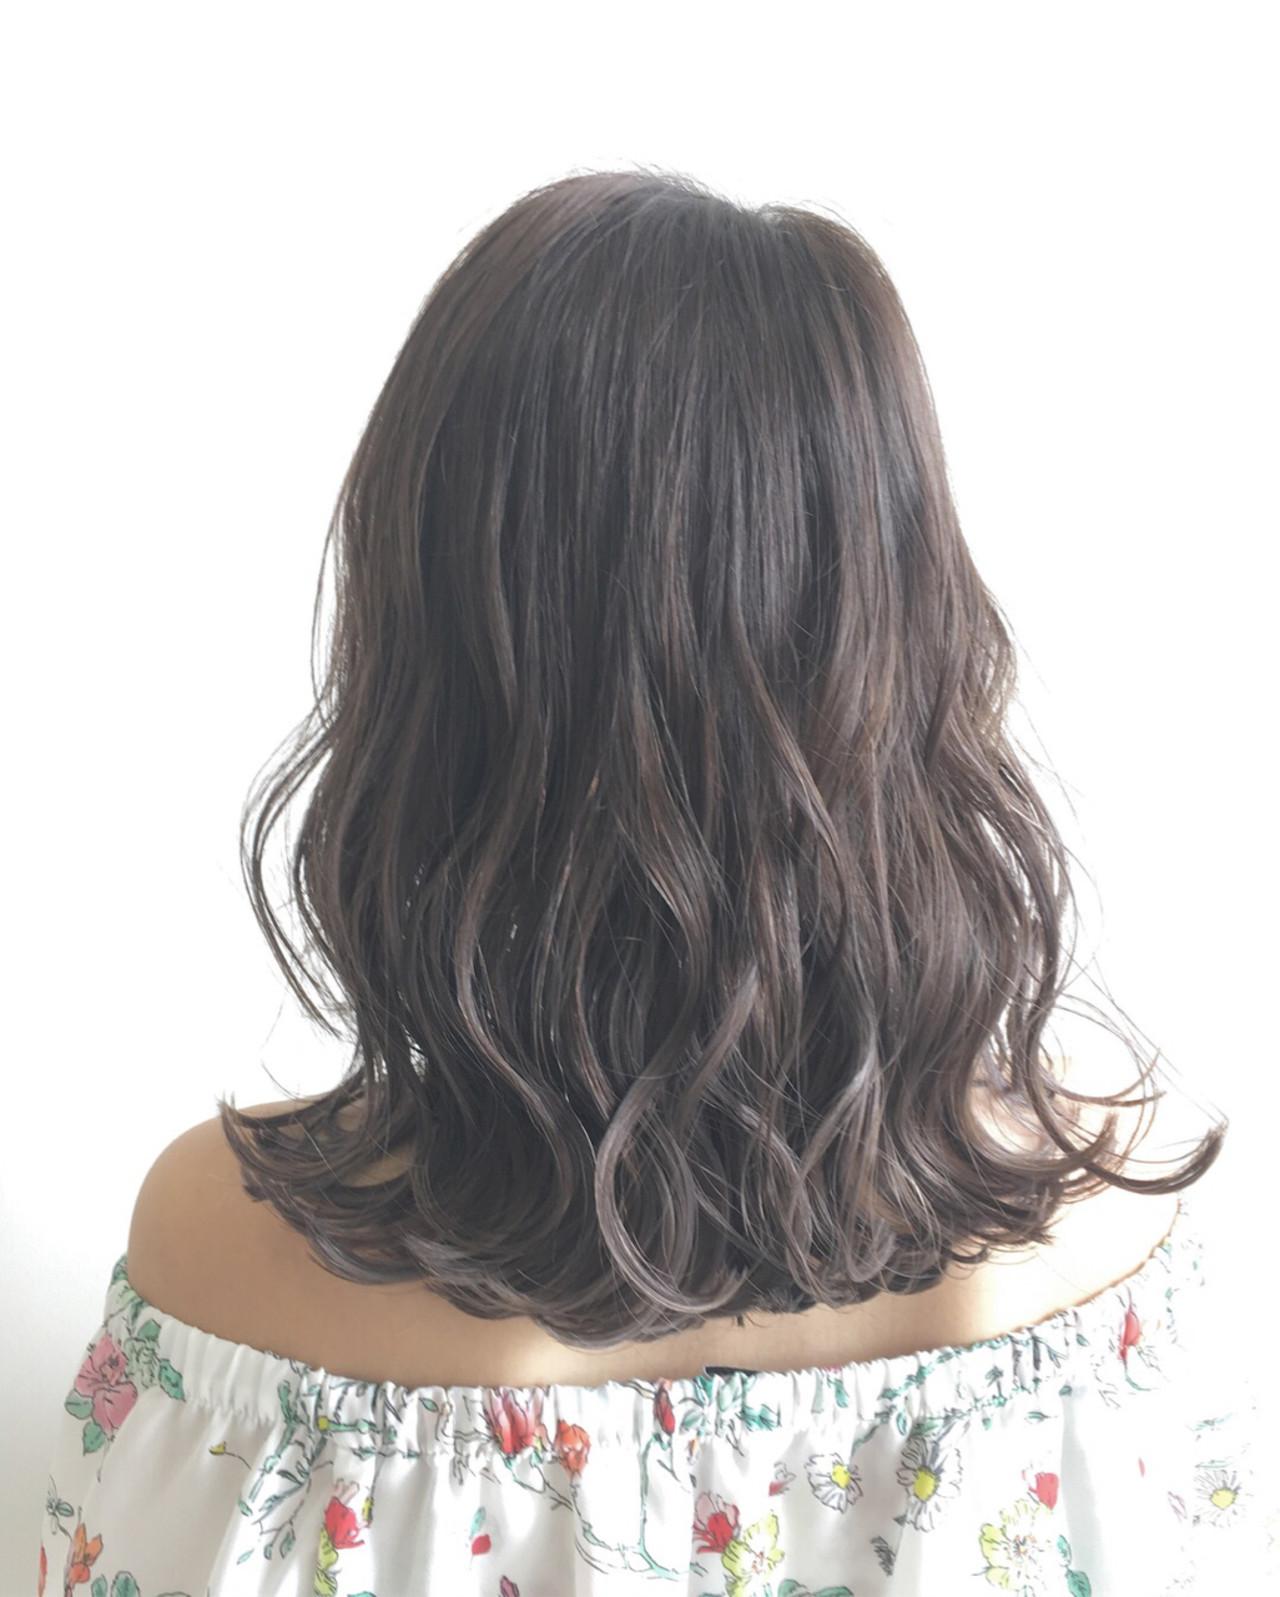 外国人風 秋 アンニュイ フェミニン ヘアスタイルや髪型の写真・画像 | Yuuta Asato / Moana by HEADLIGHT 沖縄東崎店